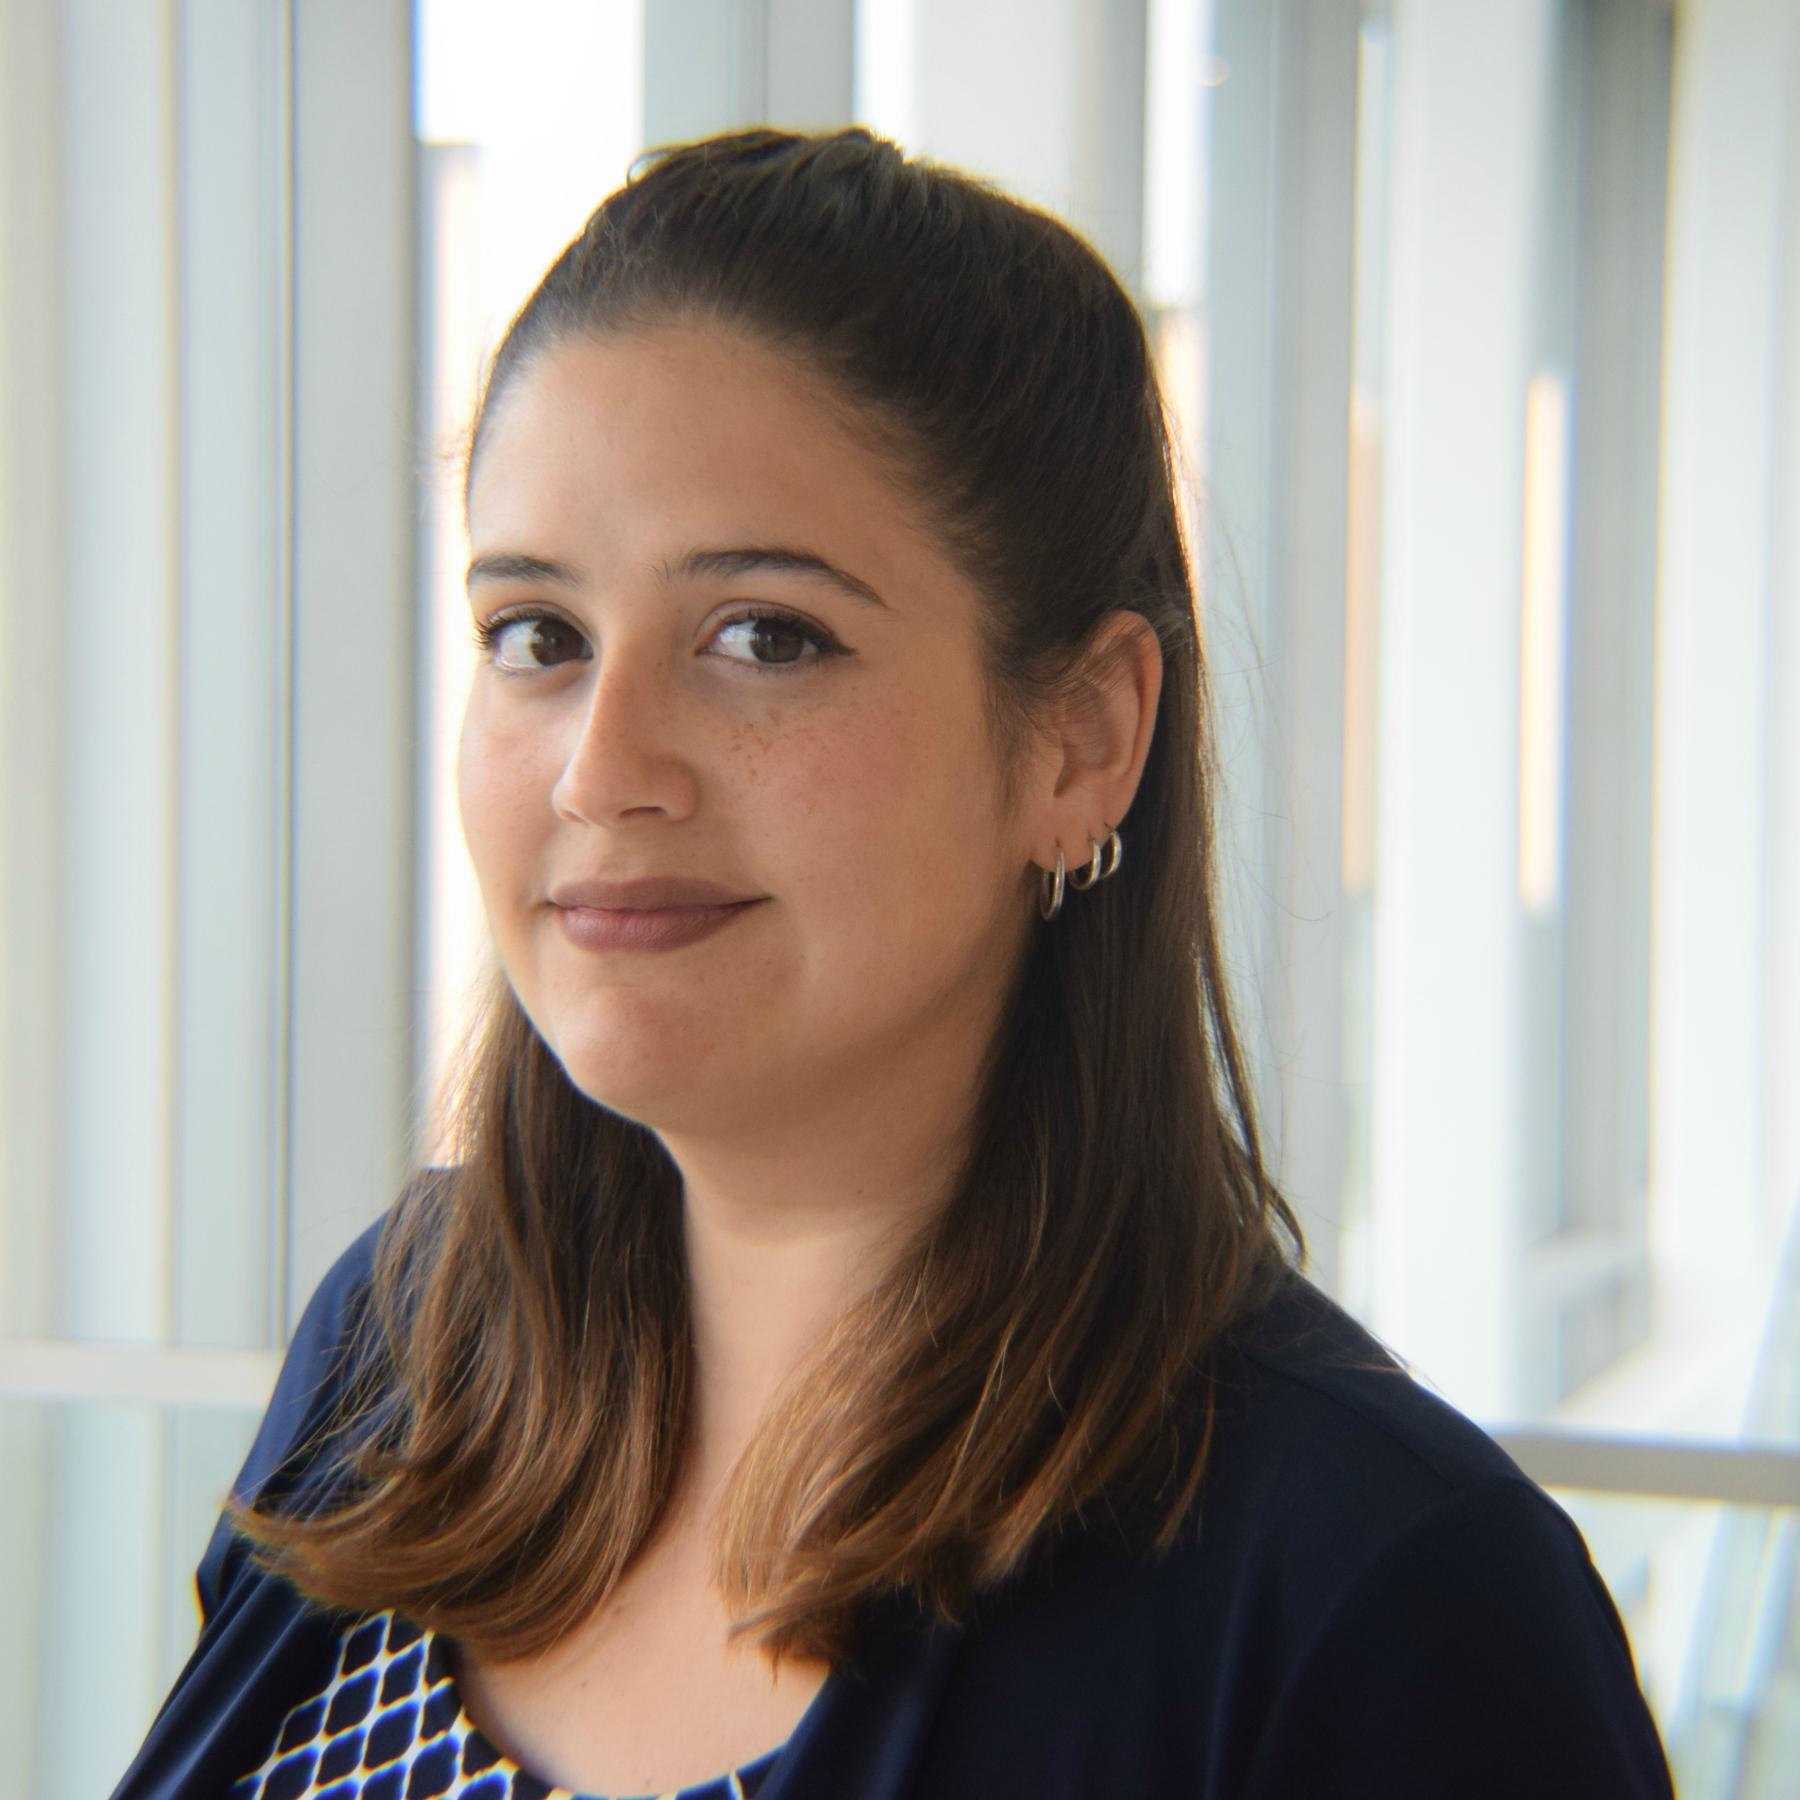 Paola Bedos